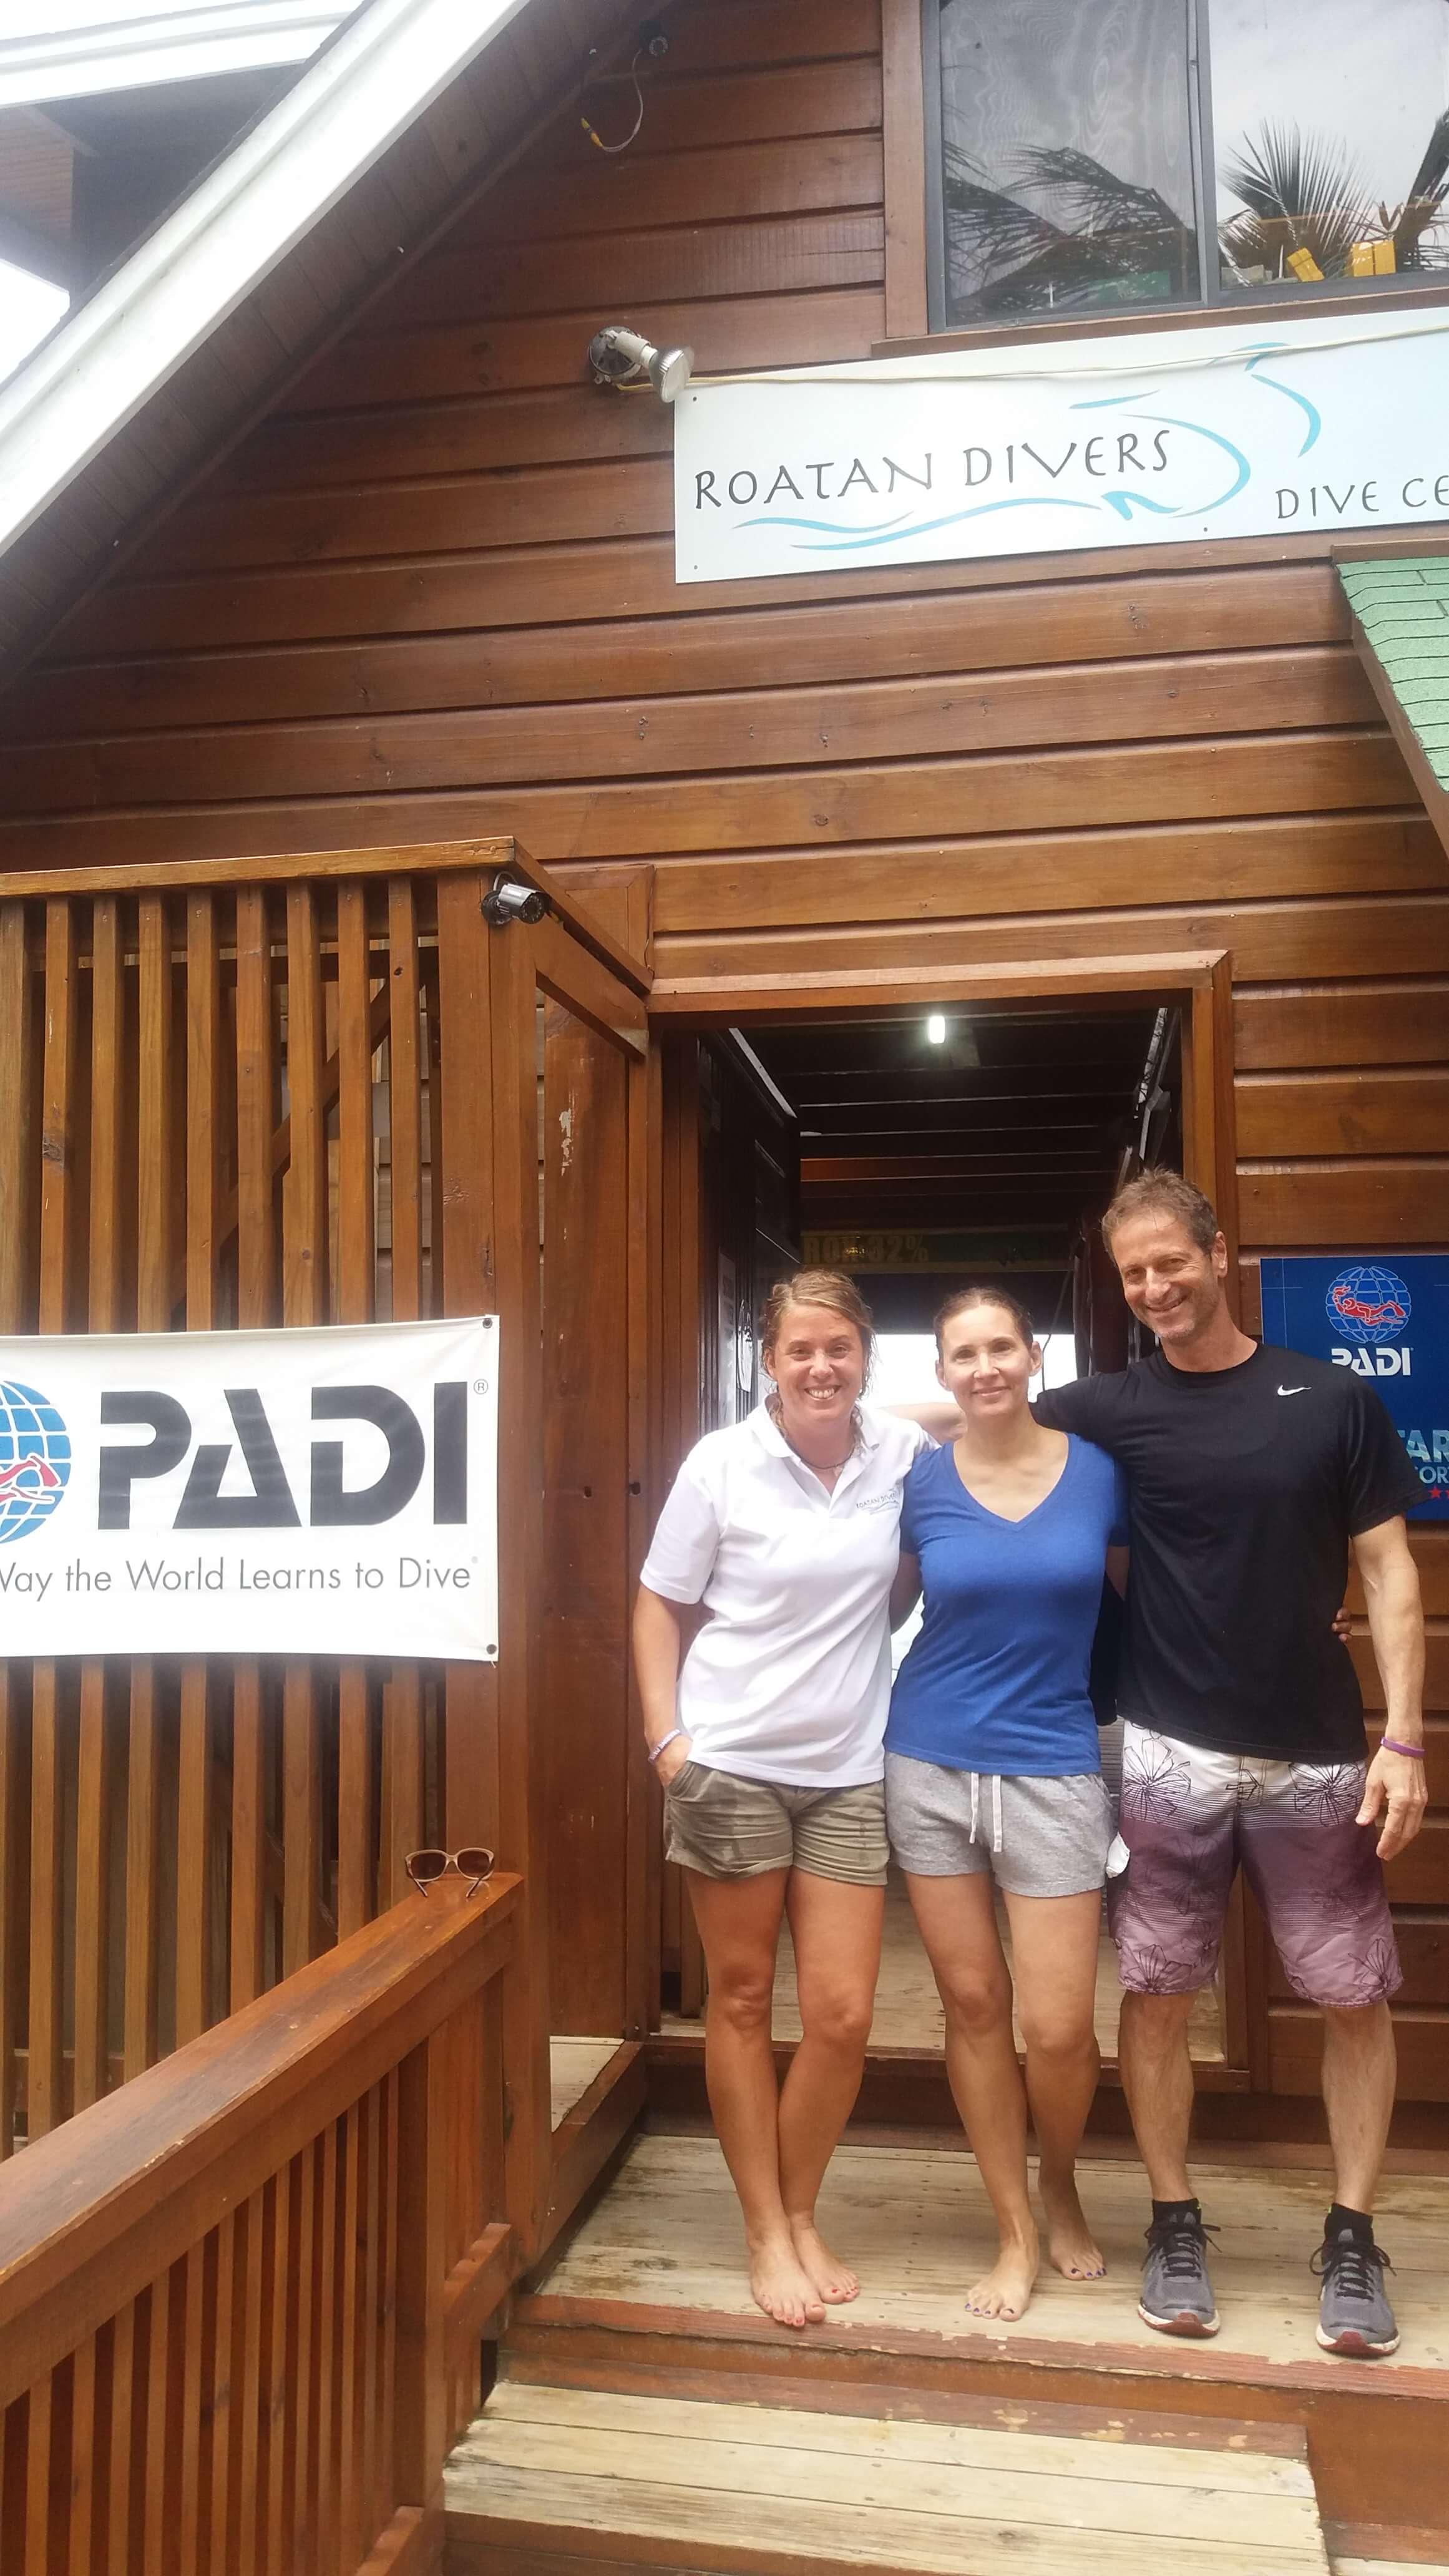 PADI Advanced Open Water Diver course Roatan